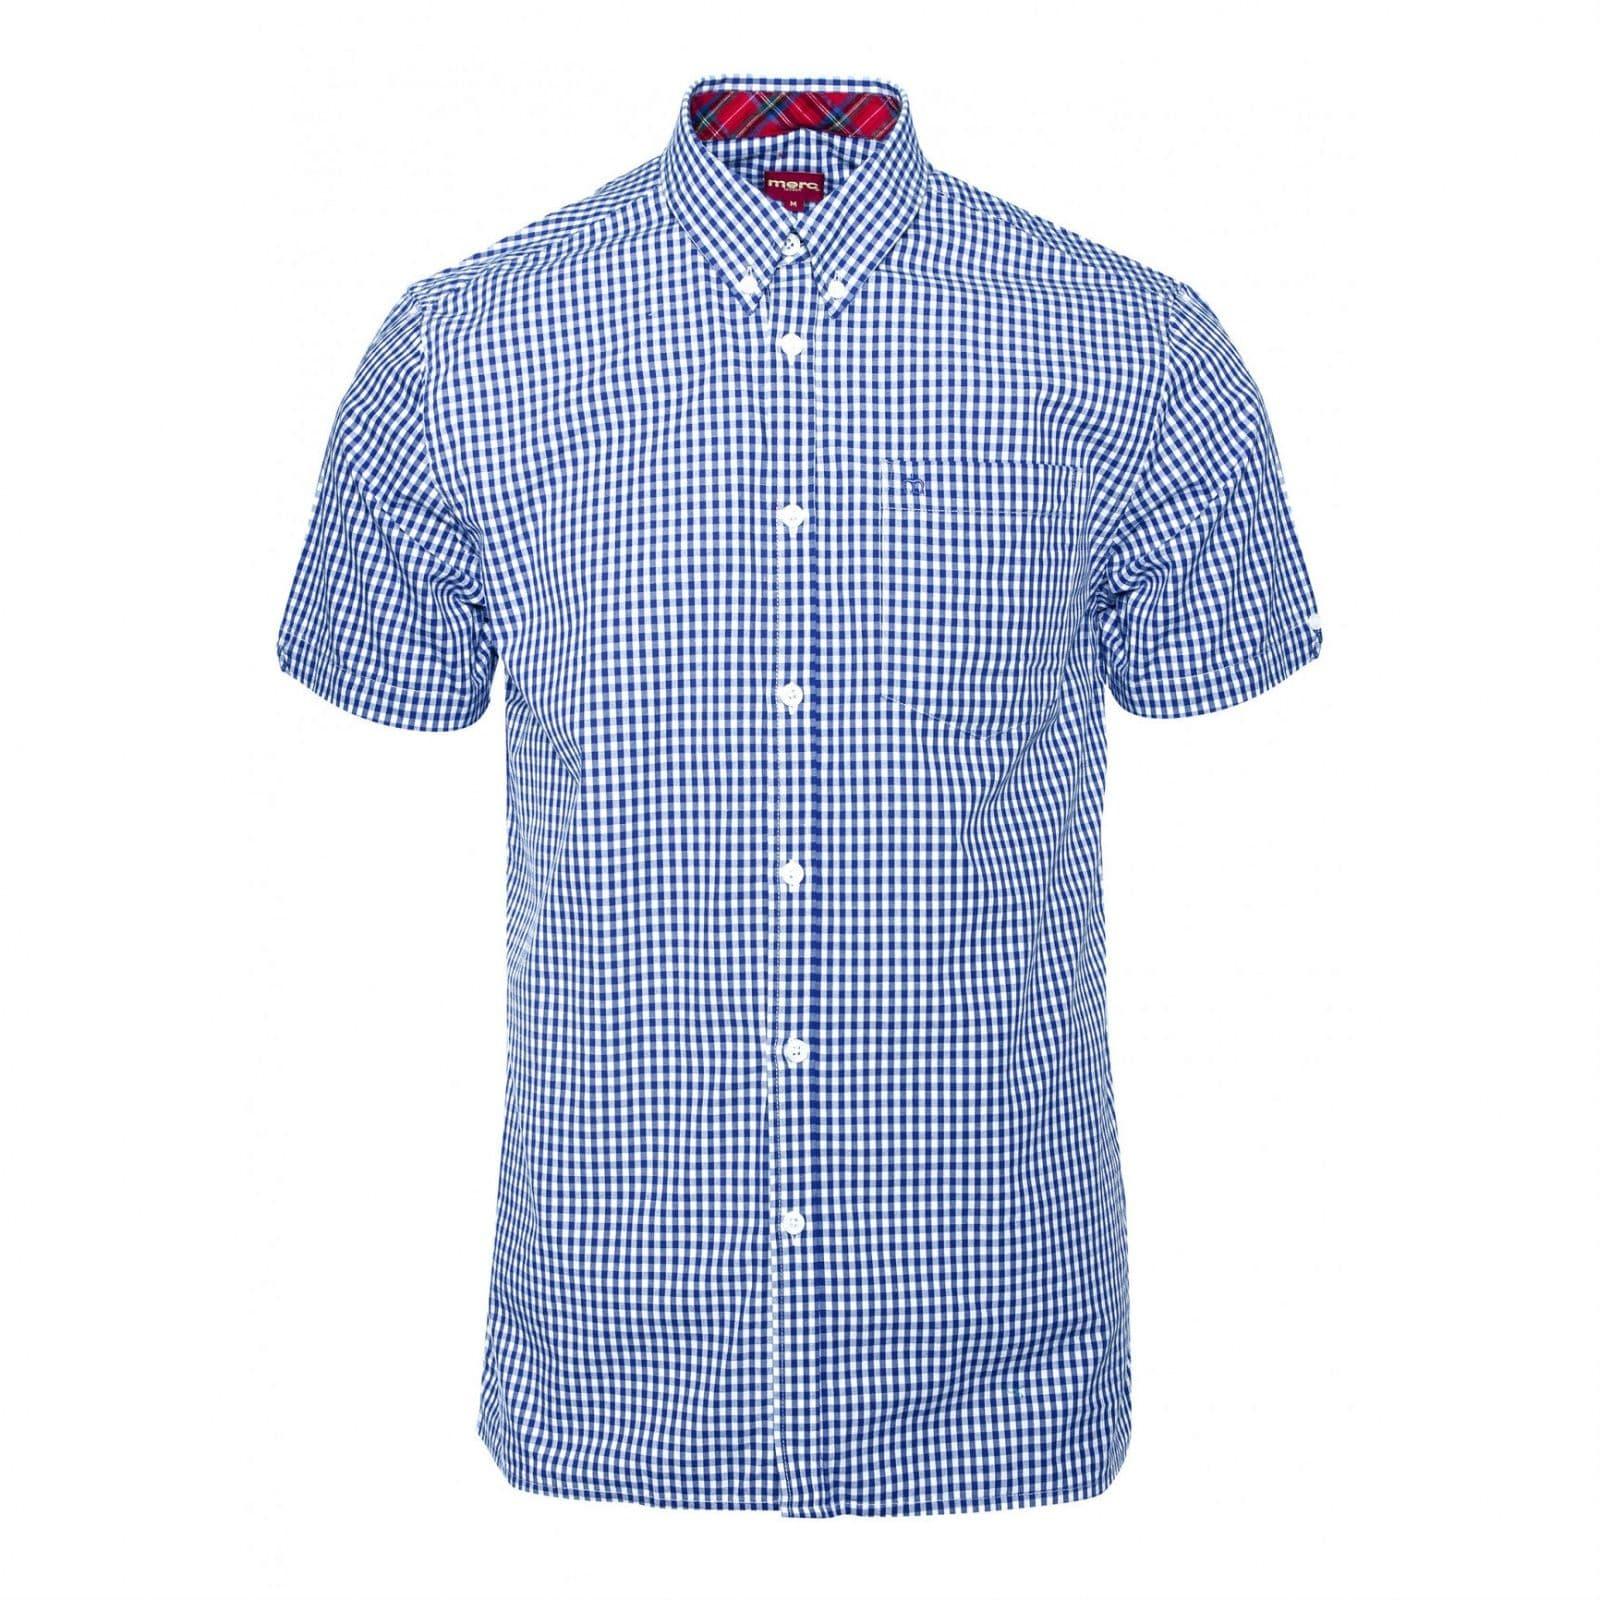 Рубашка TerryКлассические<br><br><br>Артикул: 1507108<br>Материал: 100% хлопок<br>Цвет: бело-голубая клетка<br>Пол: Мужской